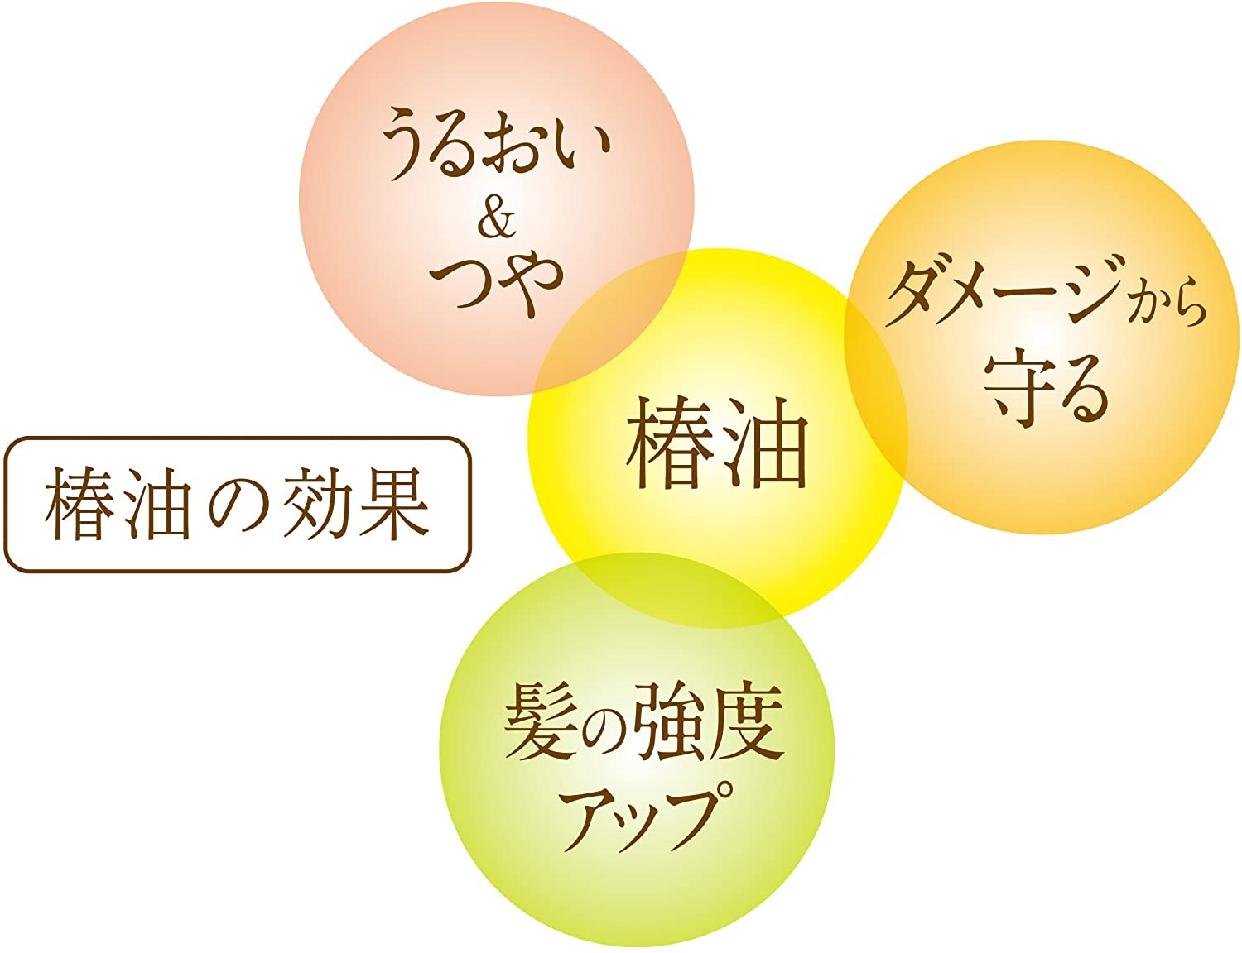 大島椿(おおしまつばき)ヘアウォーターの商品画像6